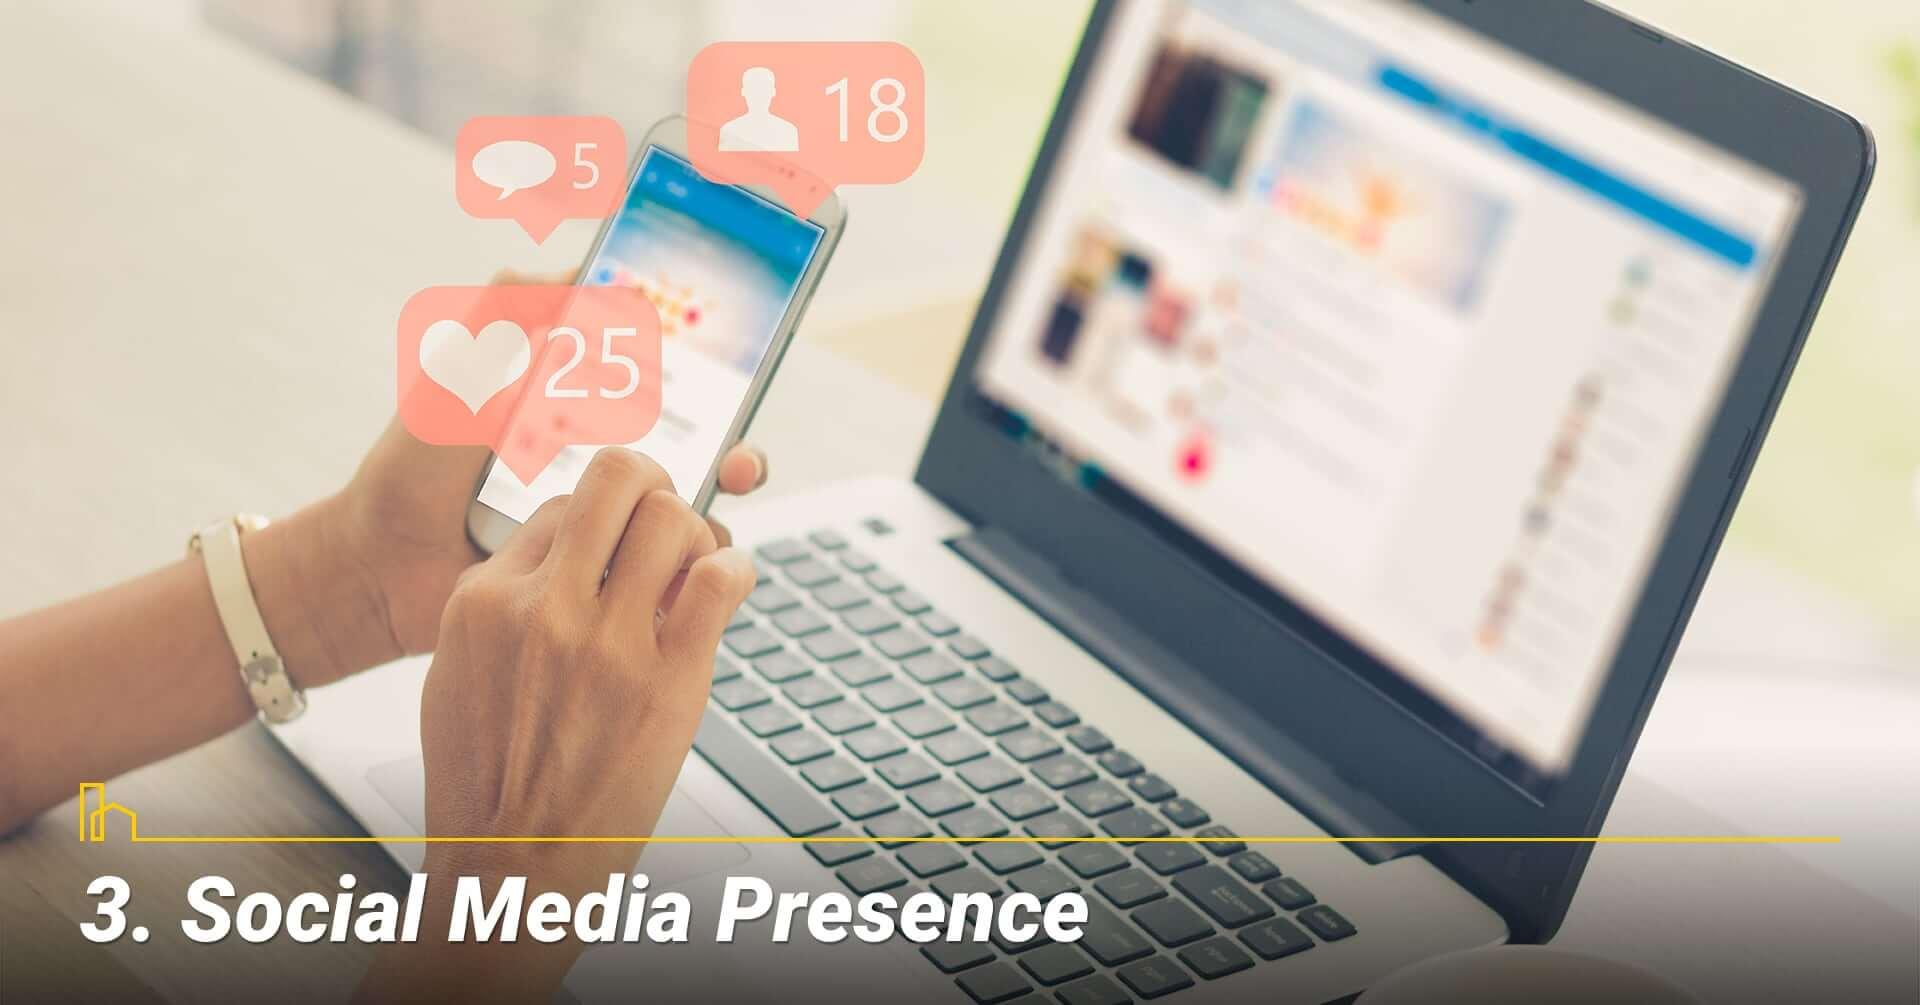 Social Media Presence, activities on Social Media